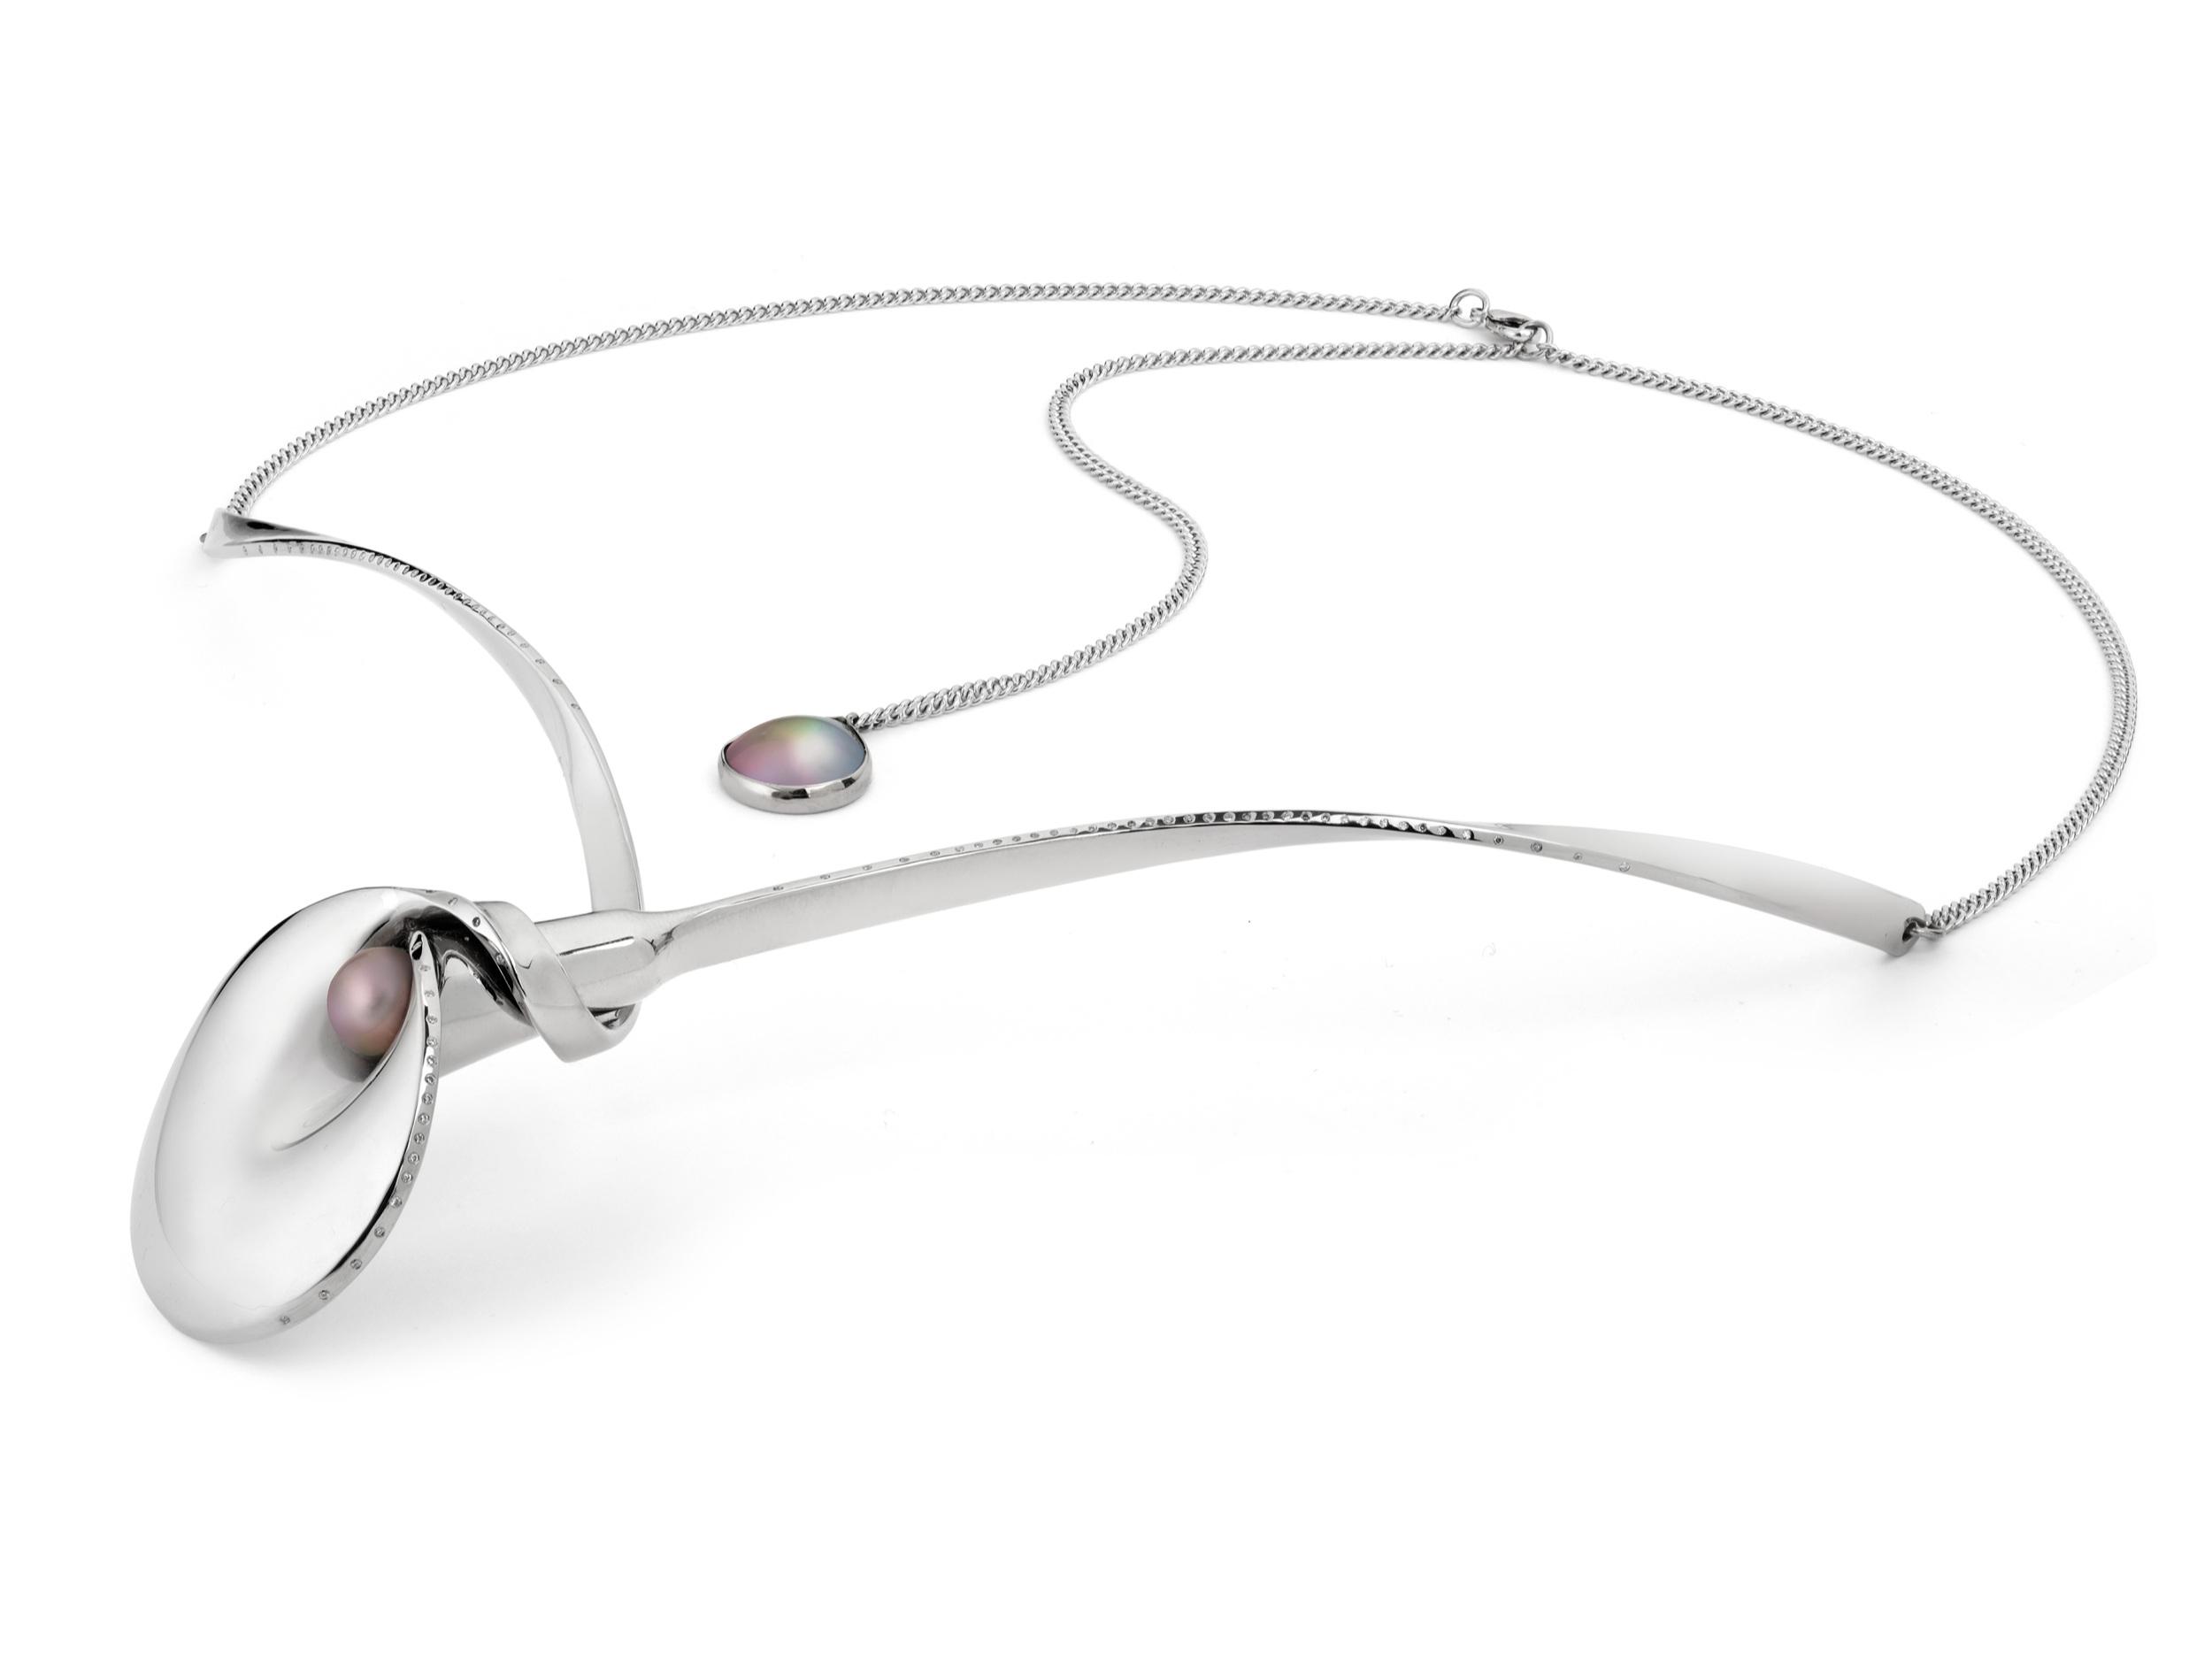 Necklace-4_50per.jpg